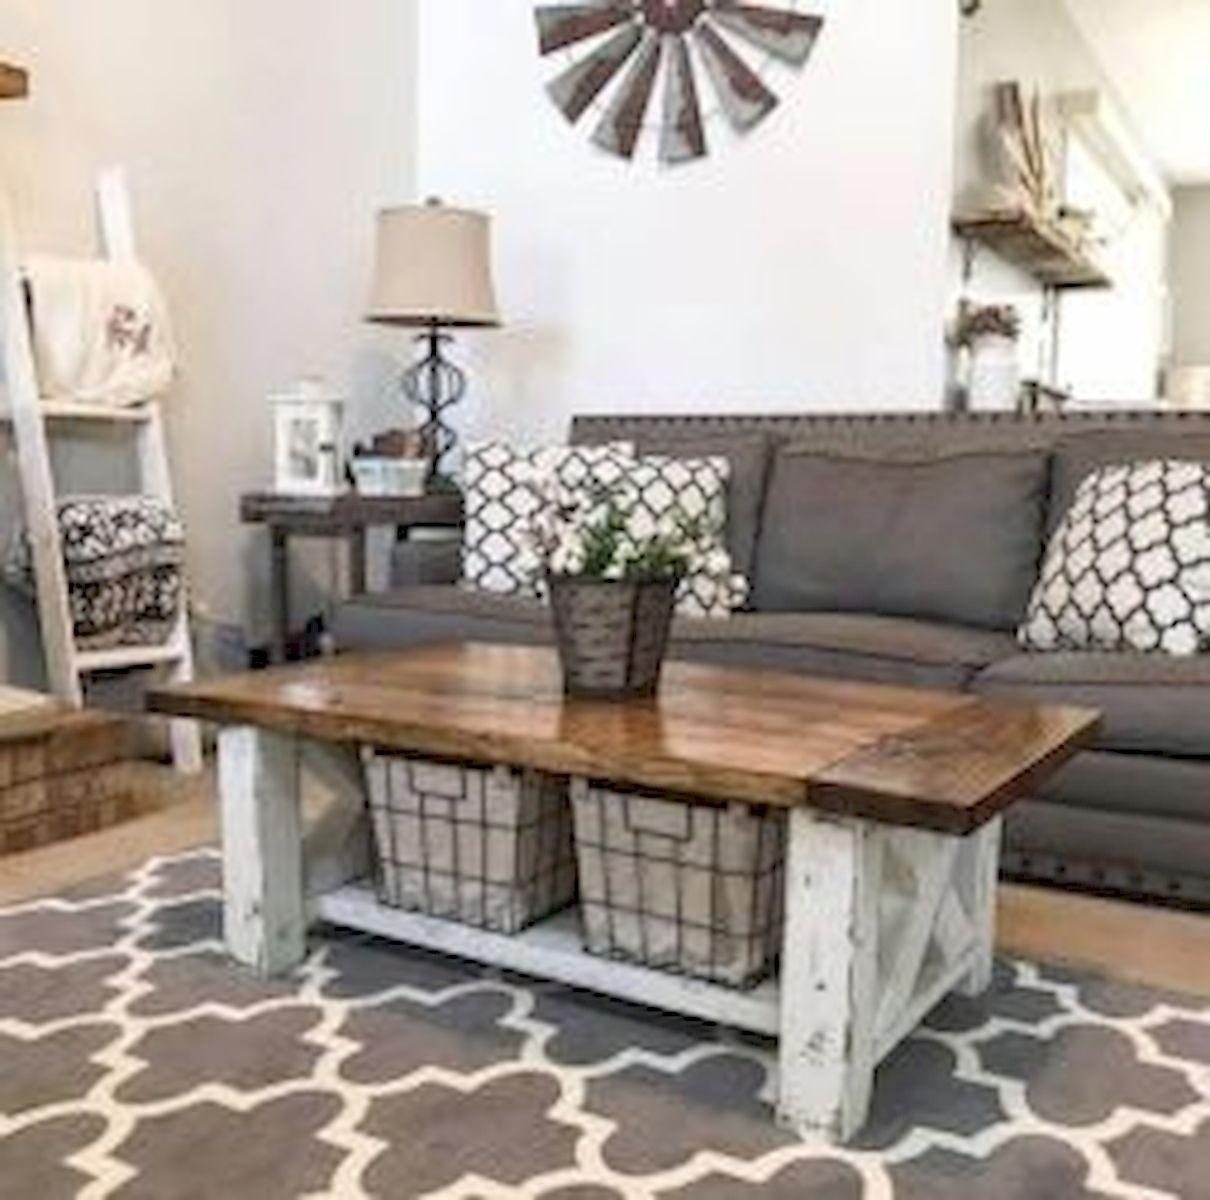 50 Cozy Farmhouse Living Room Design and Decor Ideas (20)